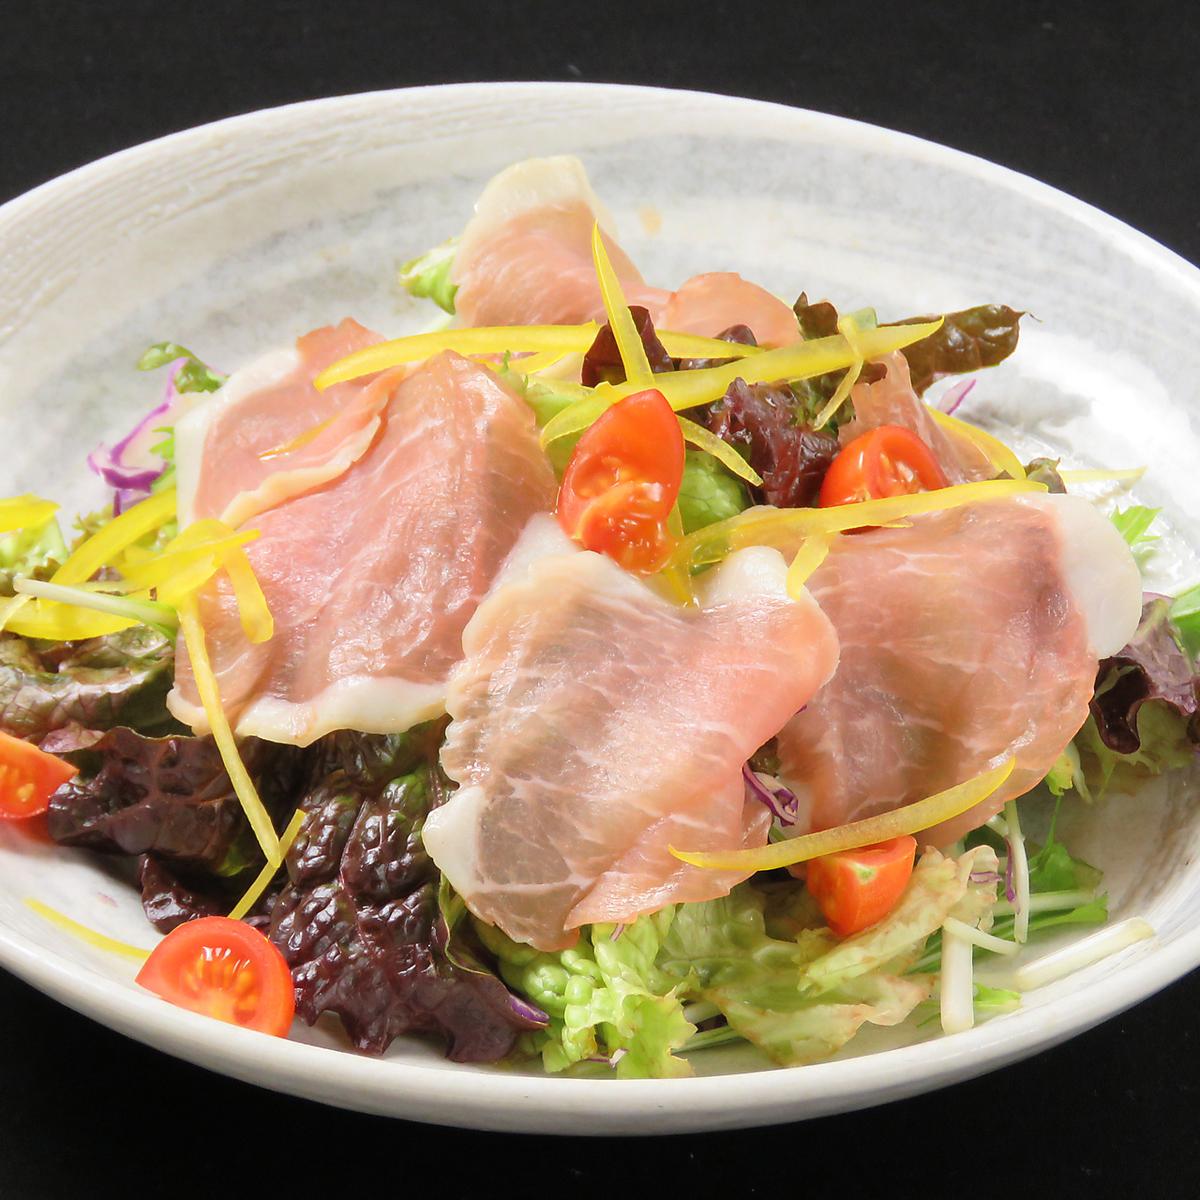 凱撒沙拉用未加工的火腿和色的菜